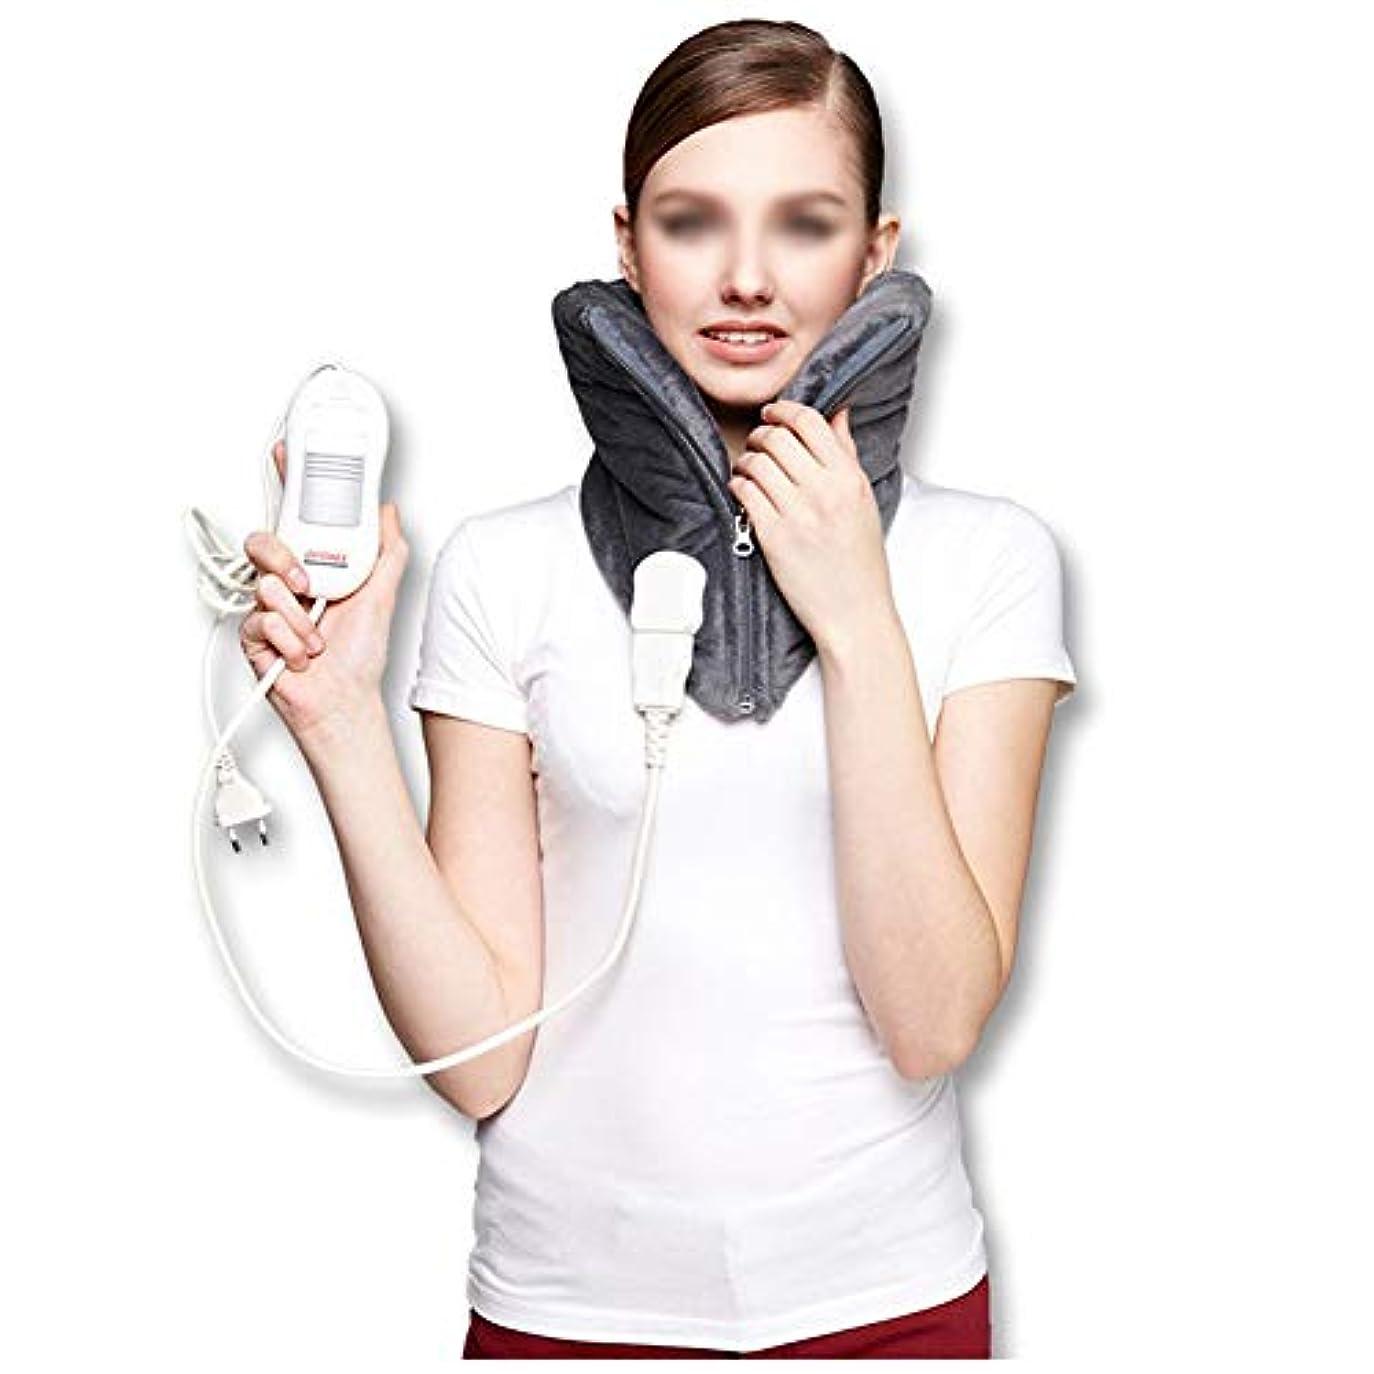 取得する送るセラー頚部の電気ヒーターパッド - 暖かい頚椎のヒートパッド、自動電源オフ、洗える、3速度一定温度、高齢者の痛みを軽減するマッサージャー